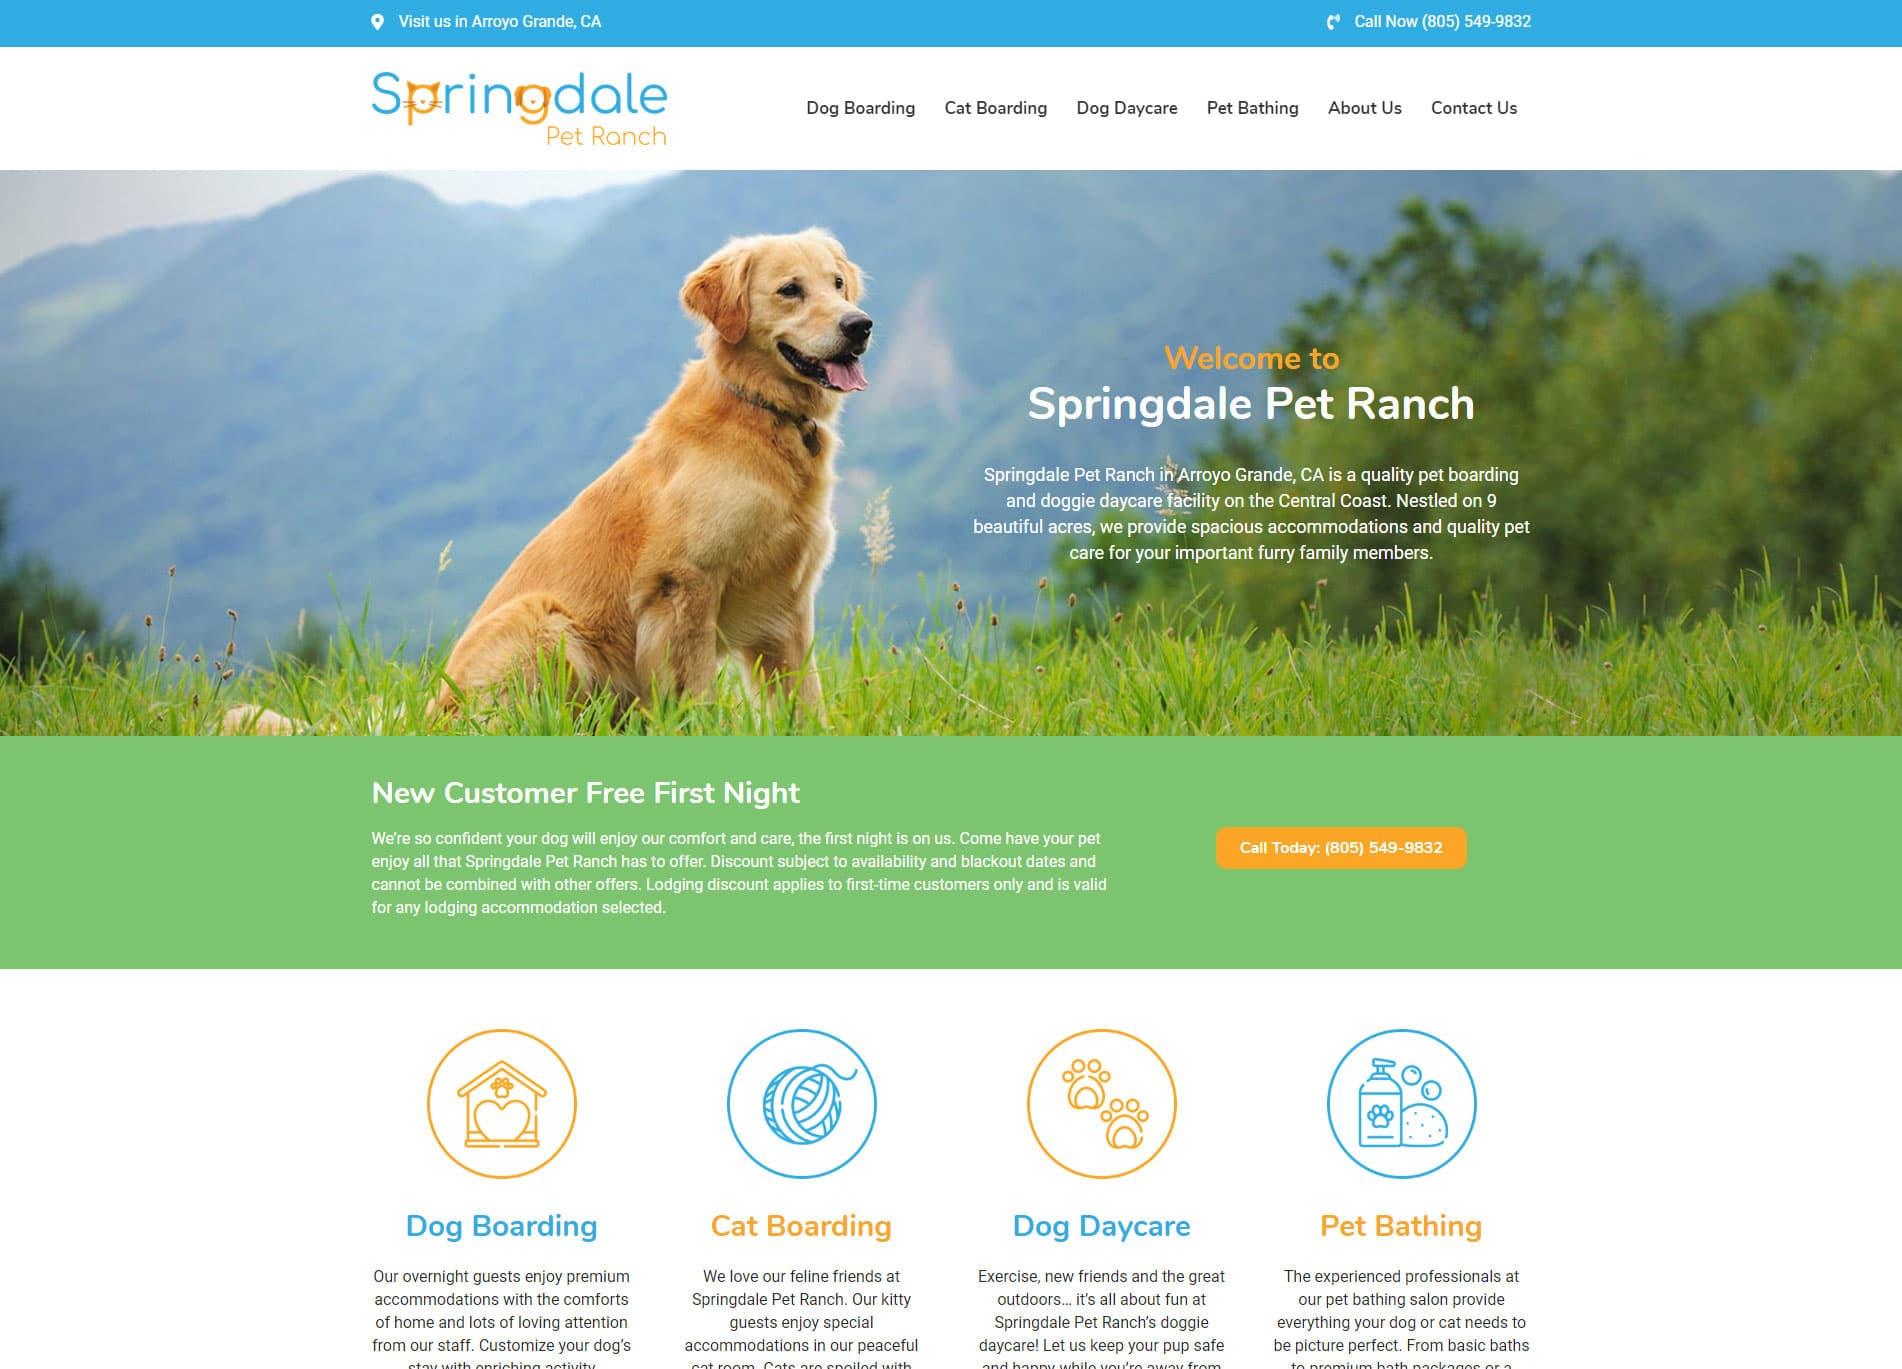 Springdale Pet Ranch screenshot